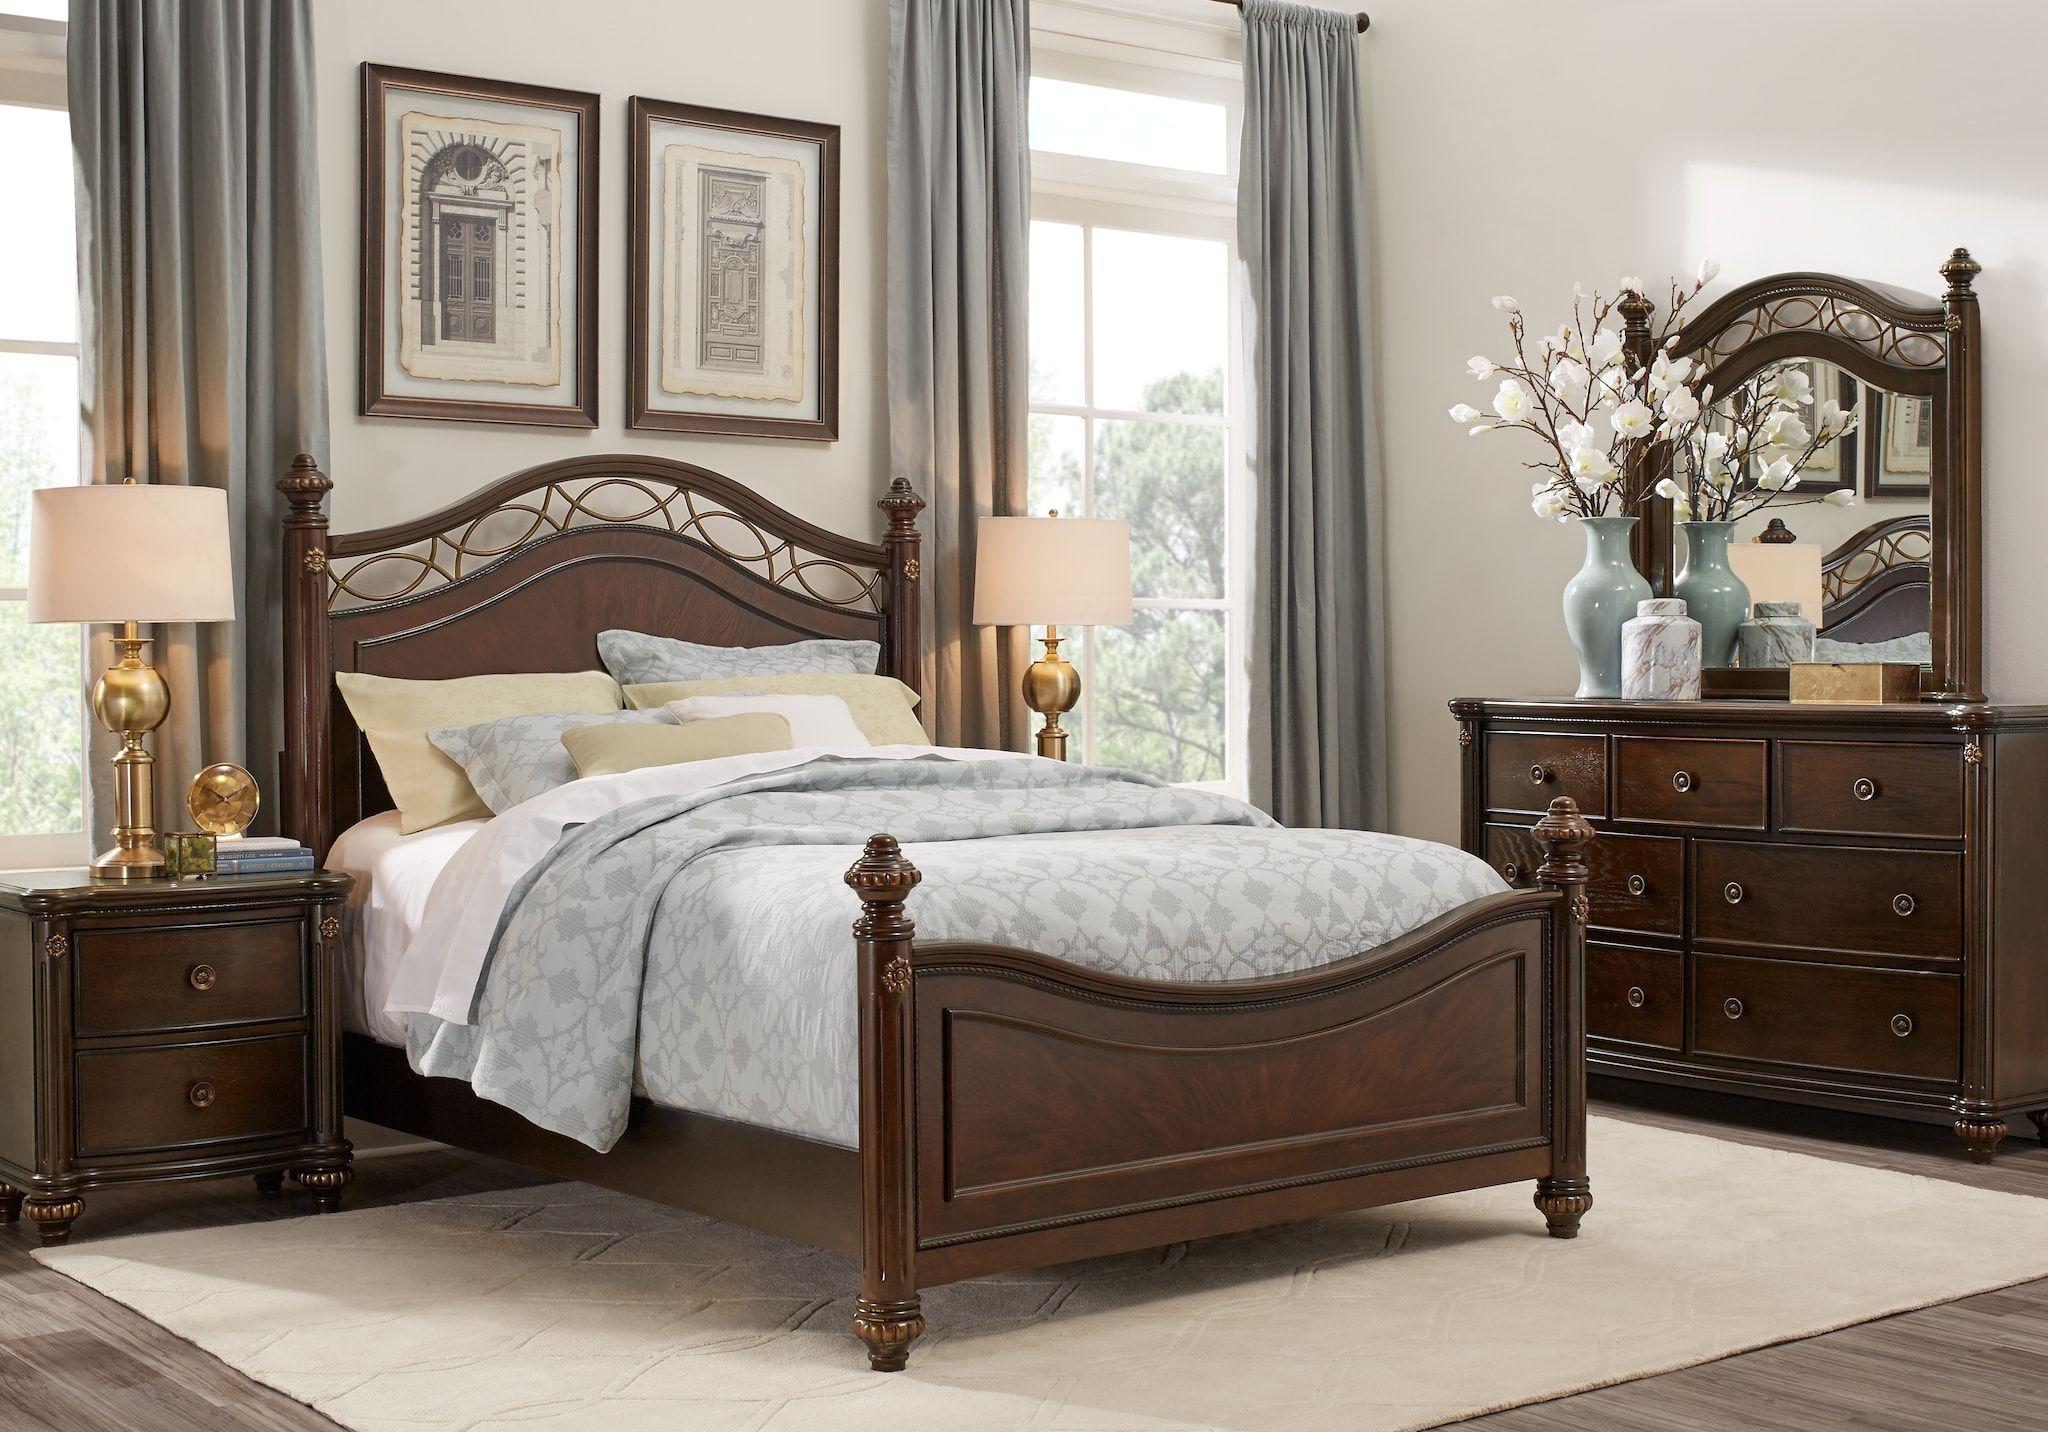 King Size Bedroom Sets Suites For Sale Discount Bedroom Furniture King Bedroom Sets Bedroom Sets